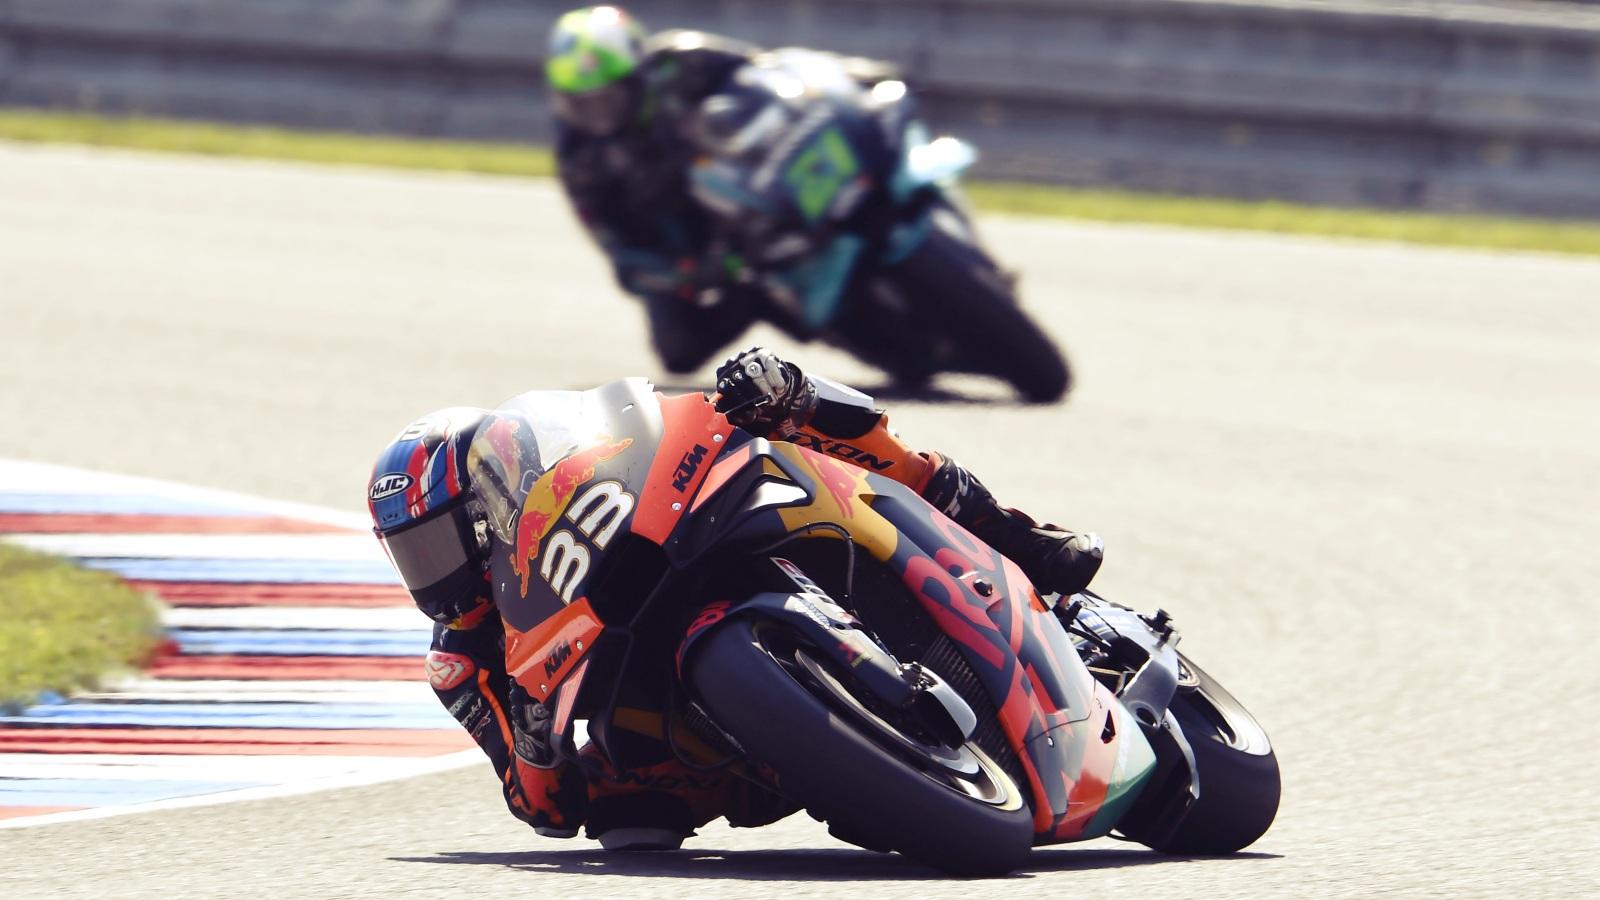 Resumen MotoGP Brno 2020: Protagonistas, estadísticas, clasificaciones, vídeos y fotos